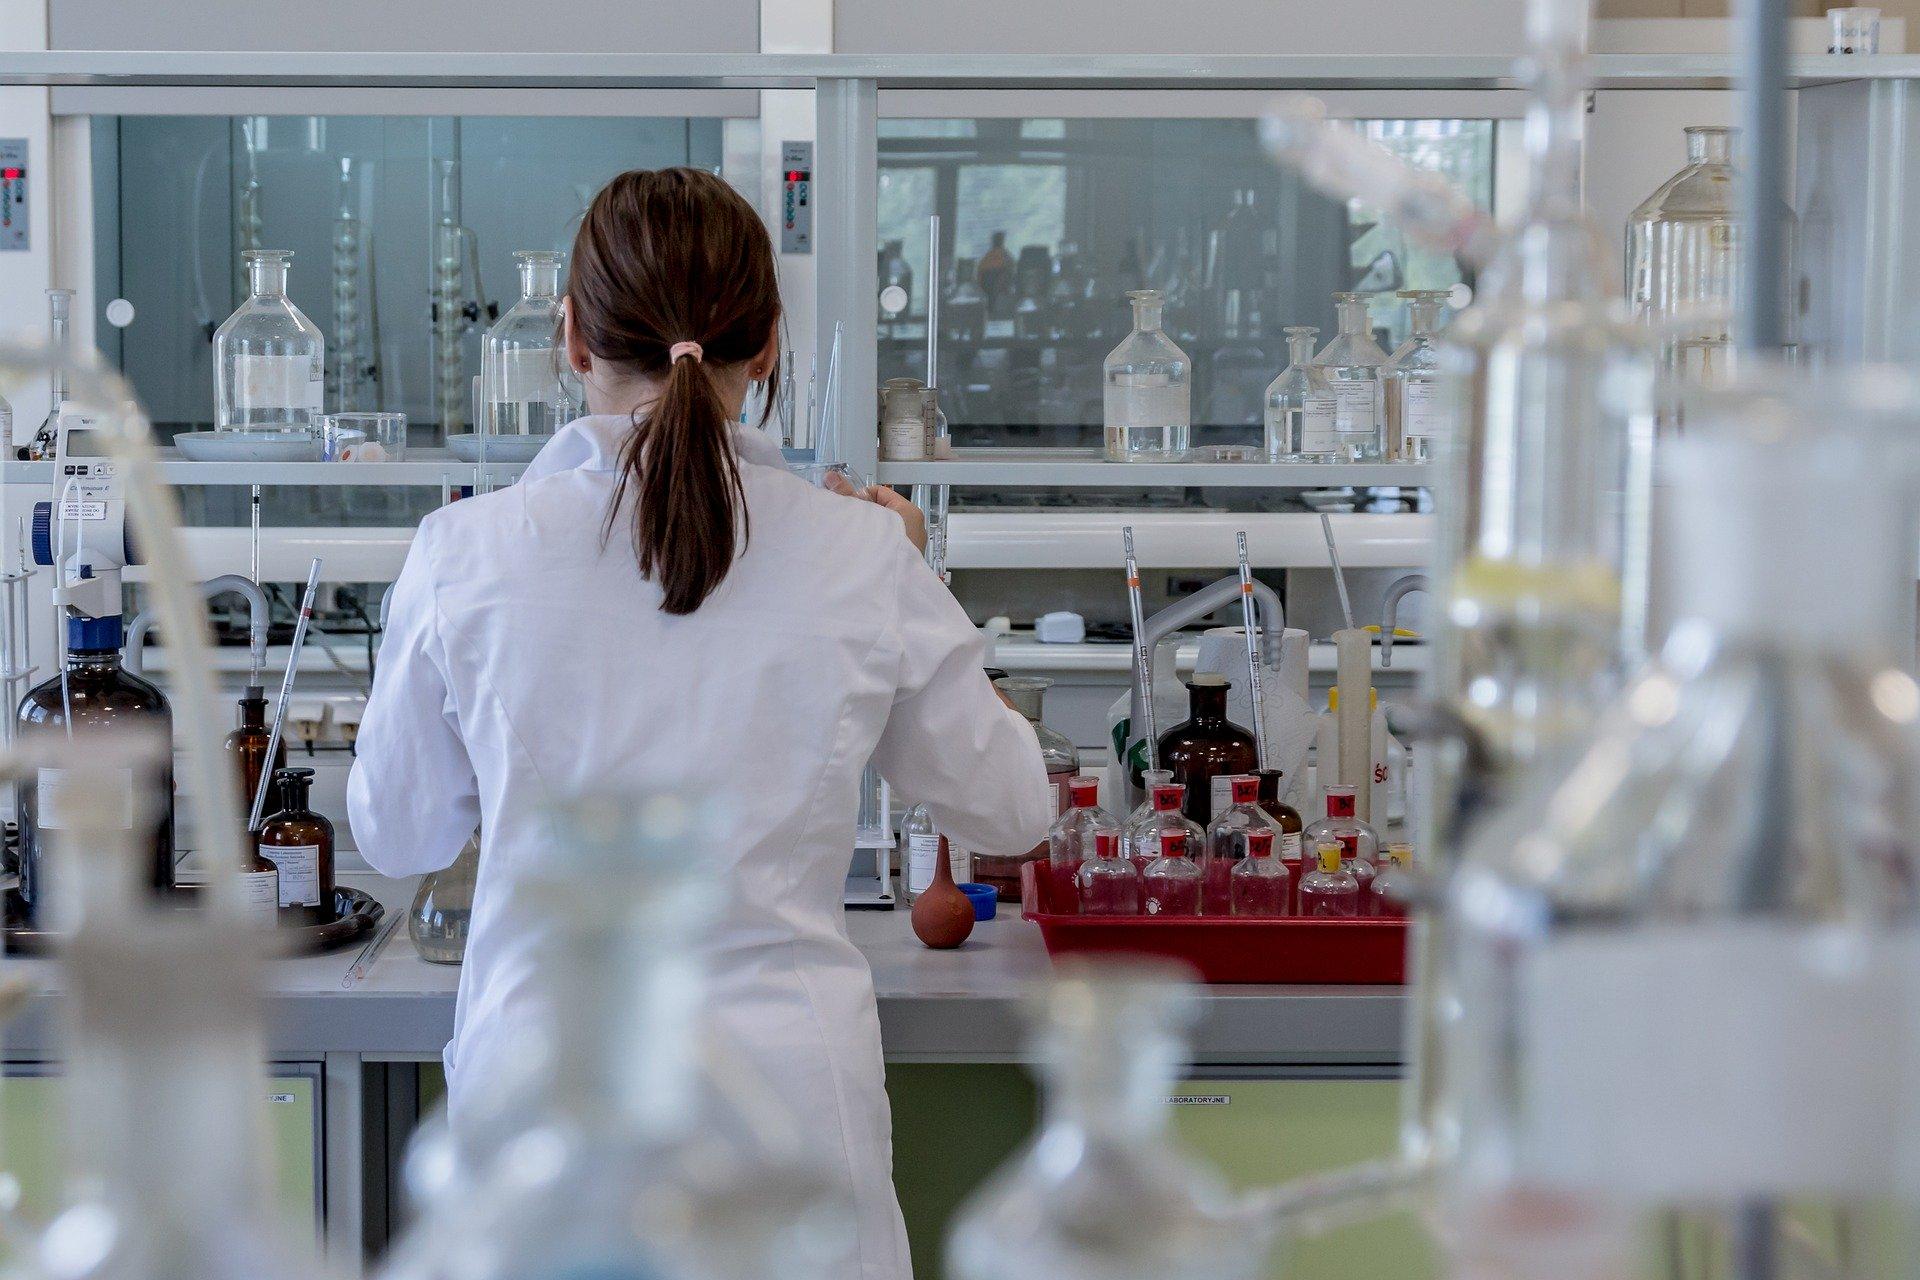 Image d'analyses en laboratoire de la qualité de l'air intérieur